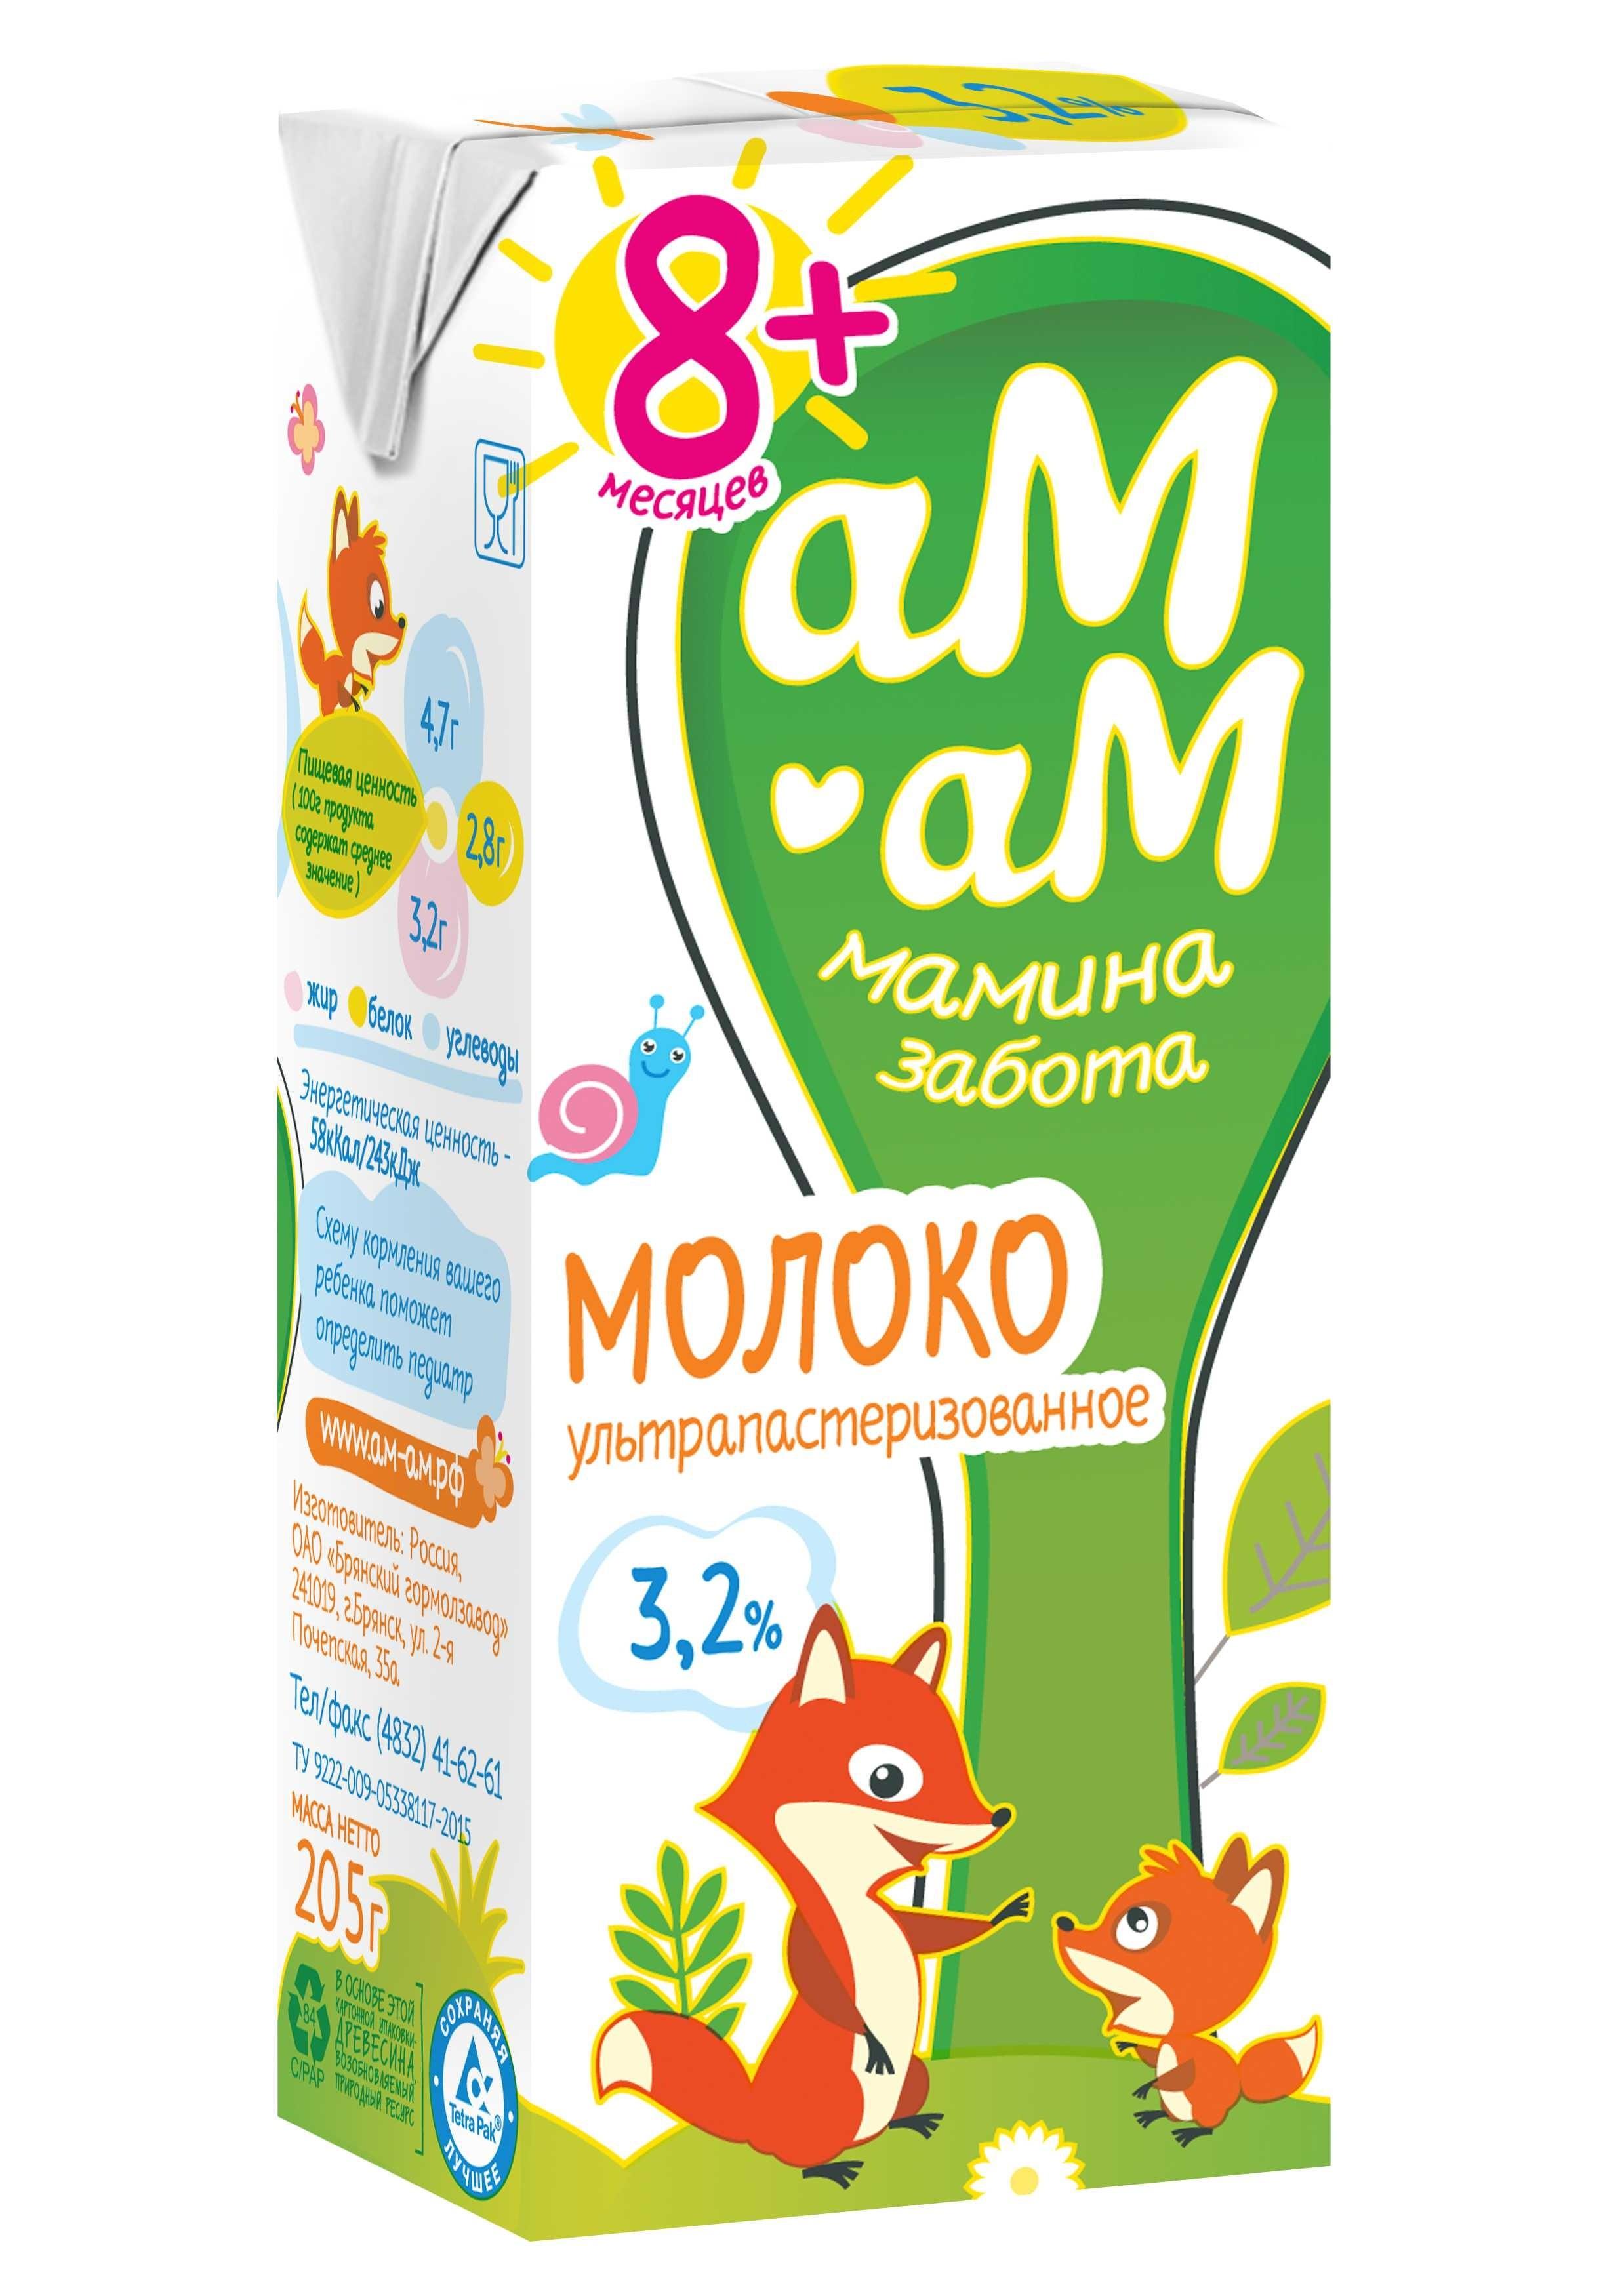 Молочная продукция Ам-Ам ультрапастеризованное 3,2% с 8 мес. 205 г молочная продукция беллакт молоко стерилизованное с витаминами а с 2 5% 8 мес 200 мл